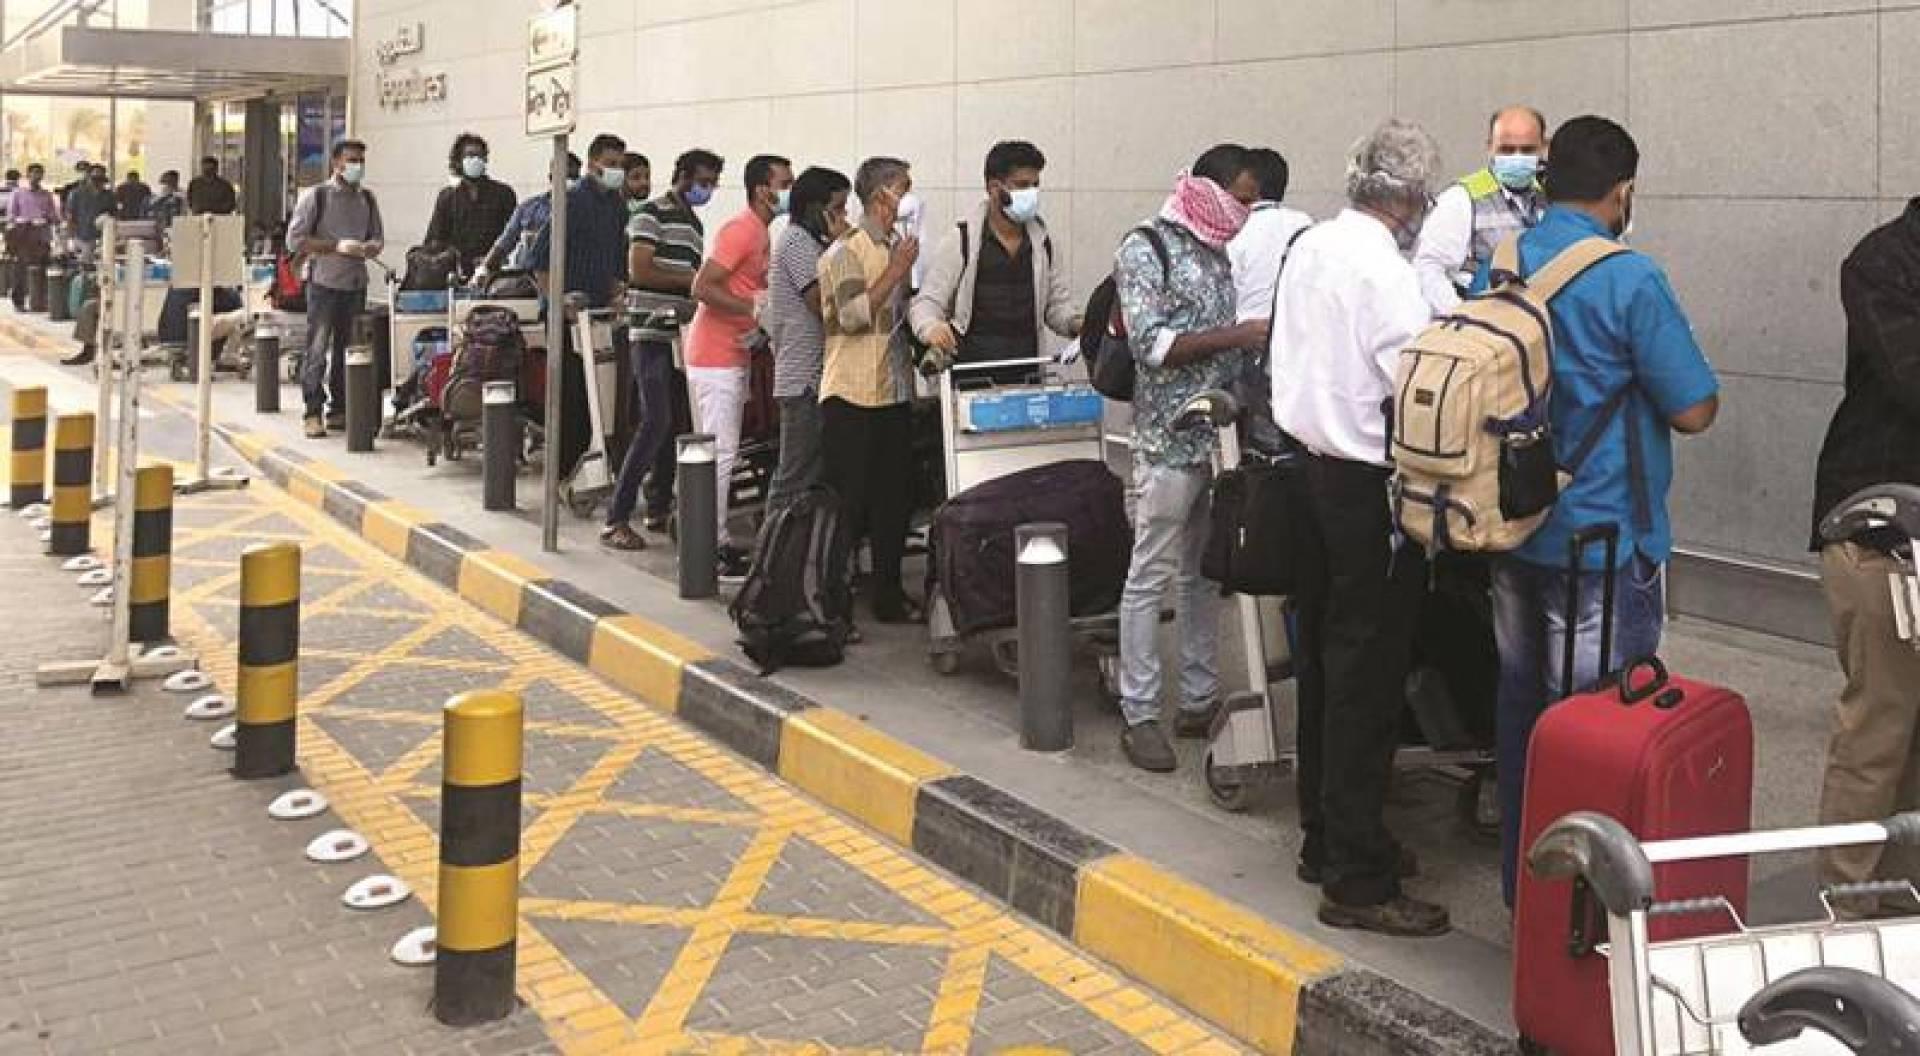 800 ألف هندي قد يعودون إلى بلدهم